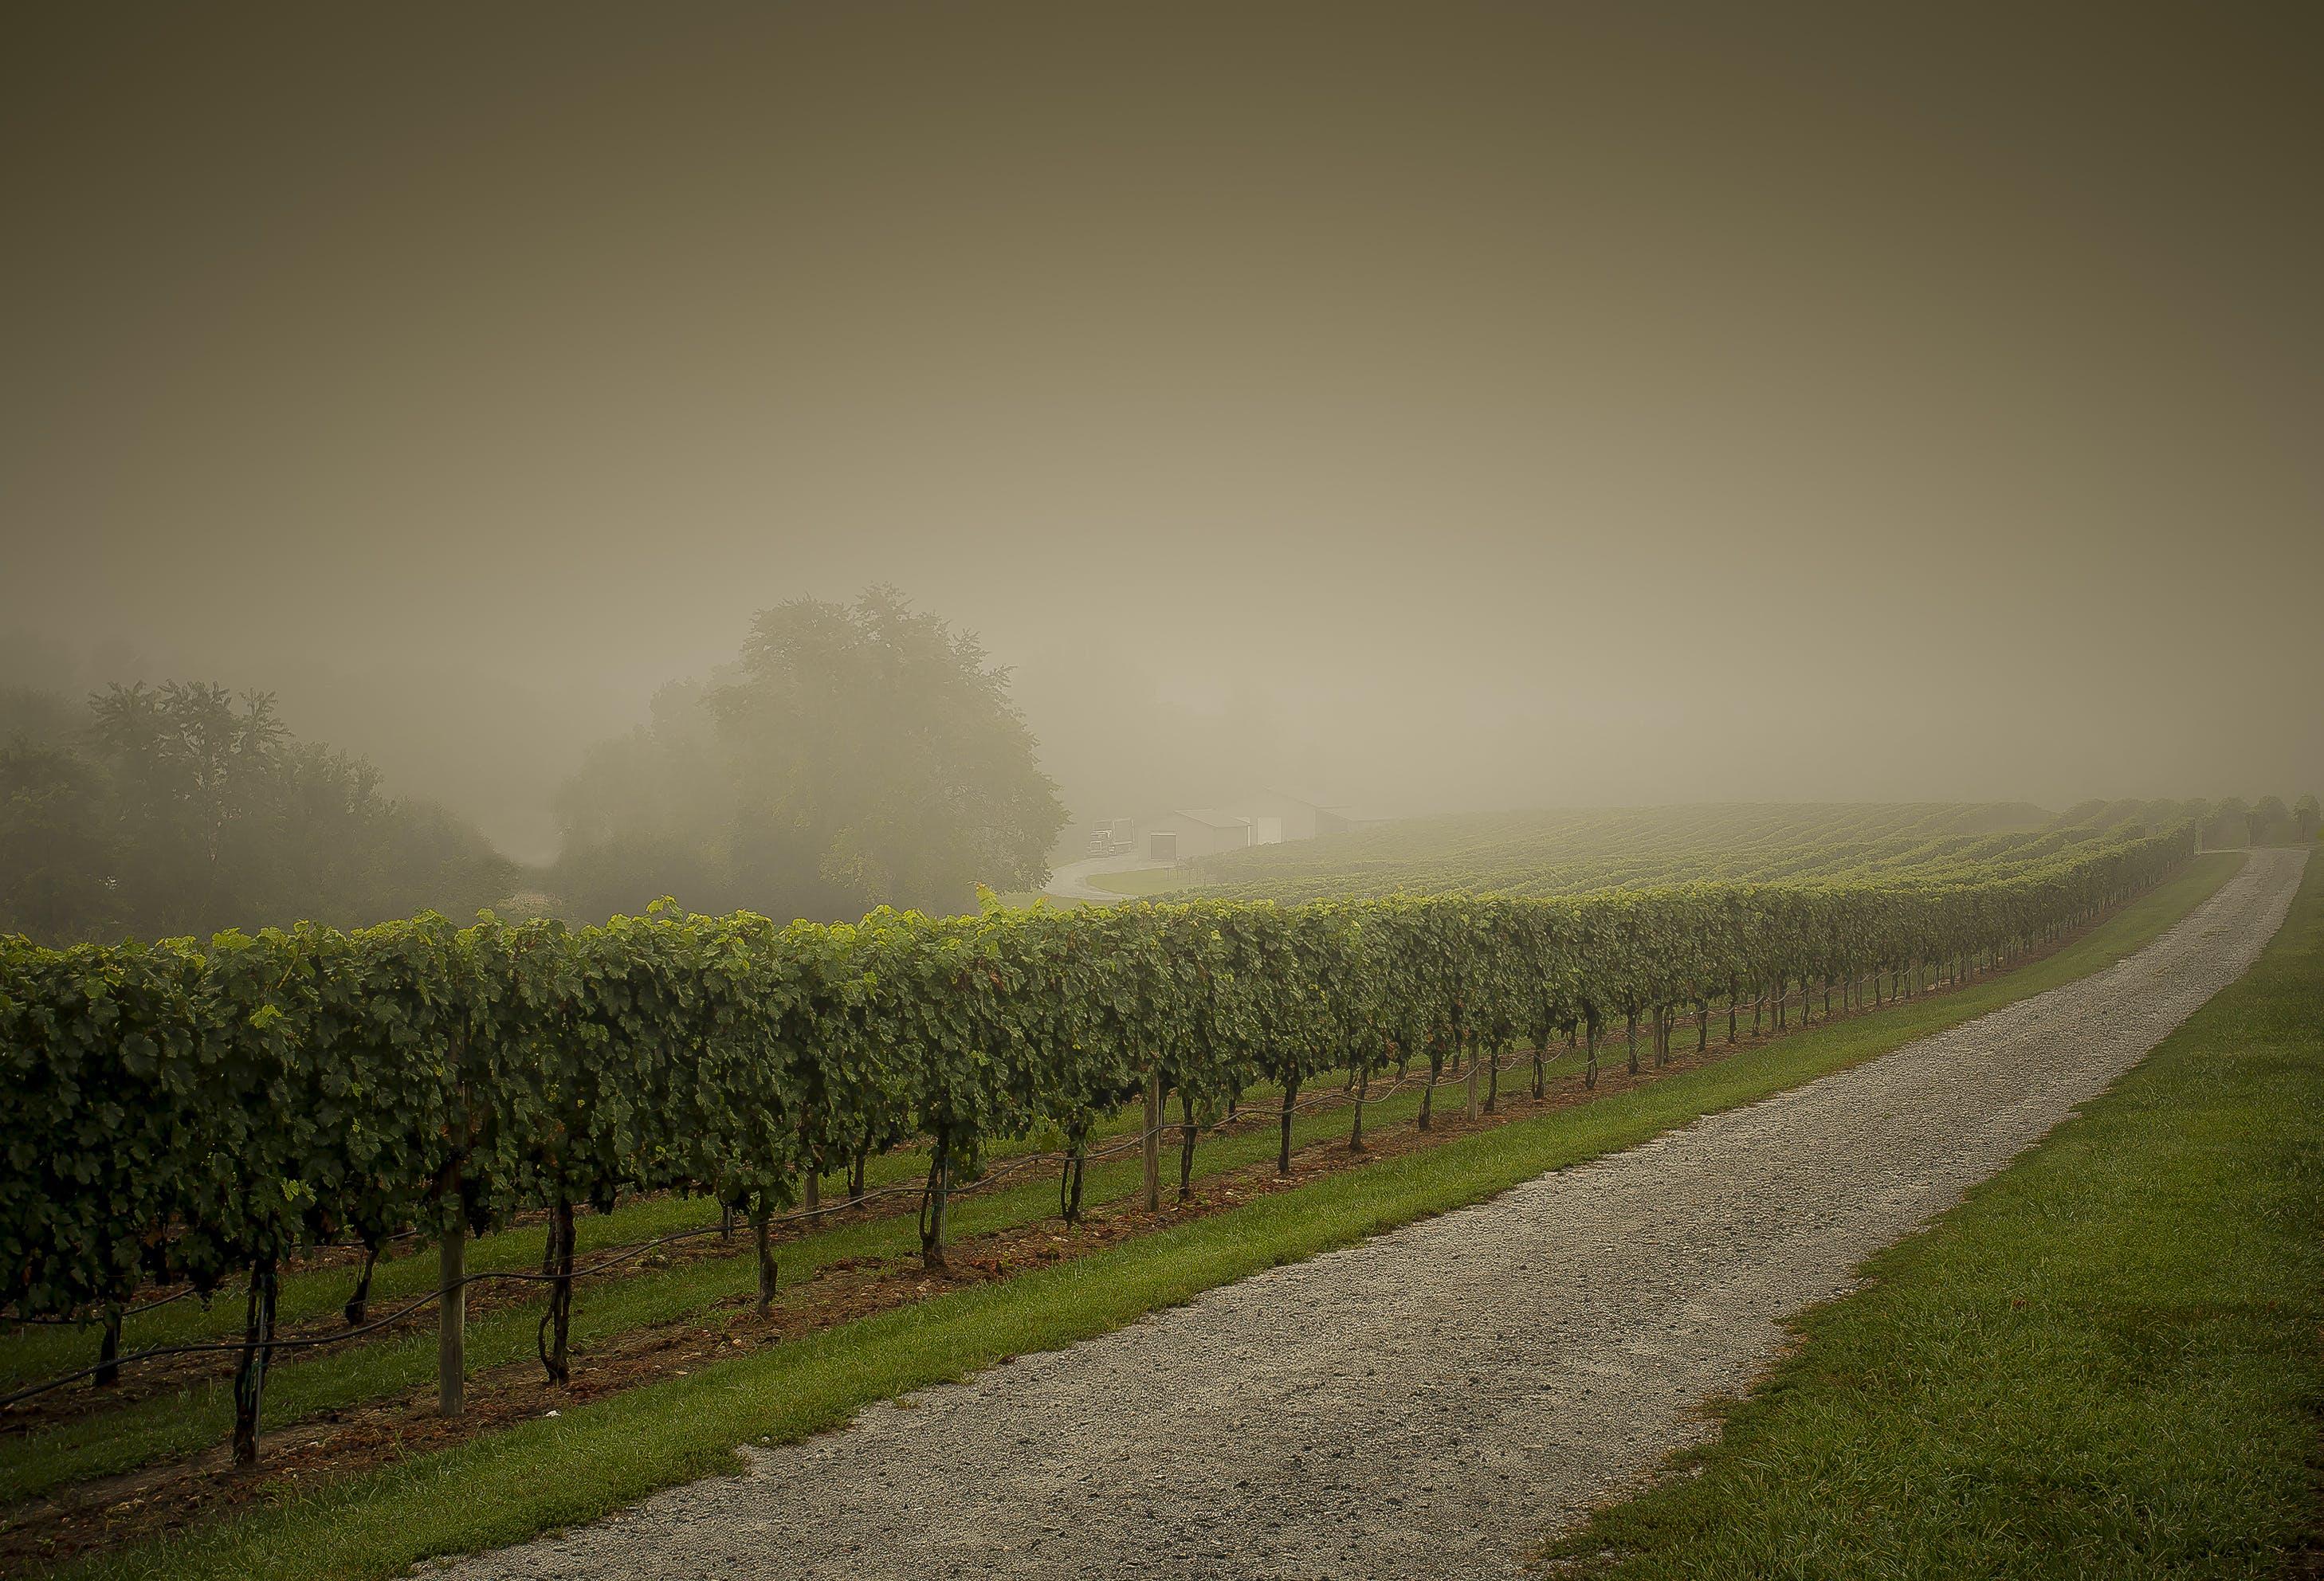 Δωρεάν στοκ φωτογραφιών με αγρόκτημα, αγροτικός, αμπέλι, άμπελος